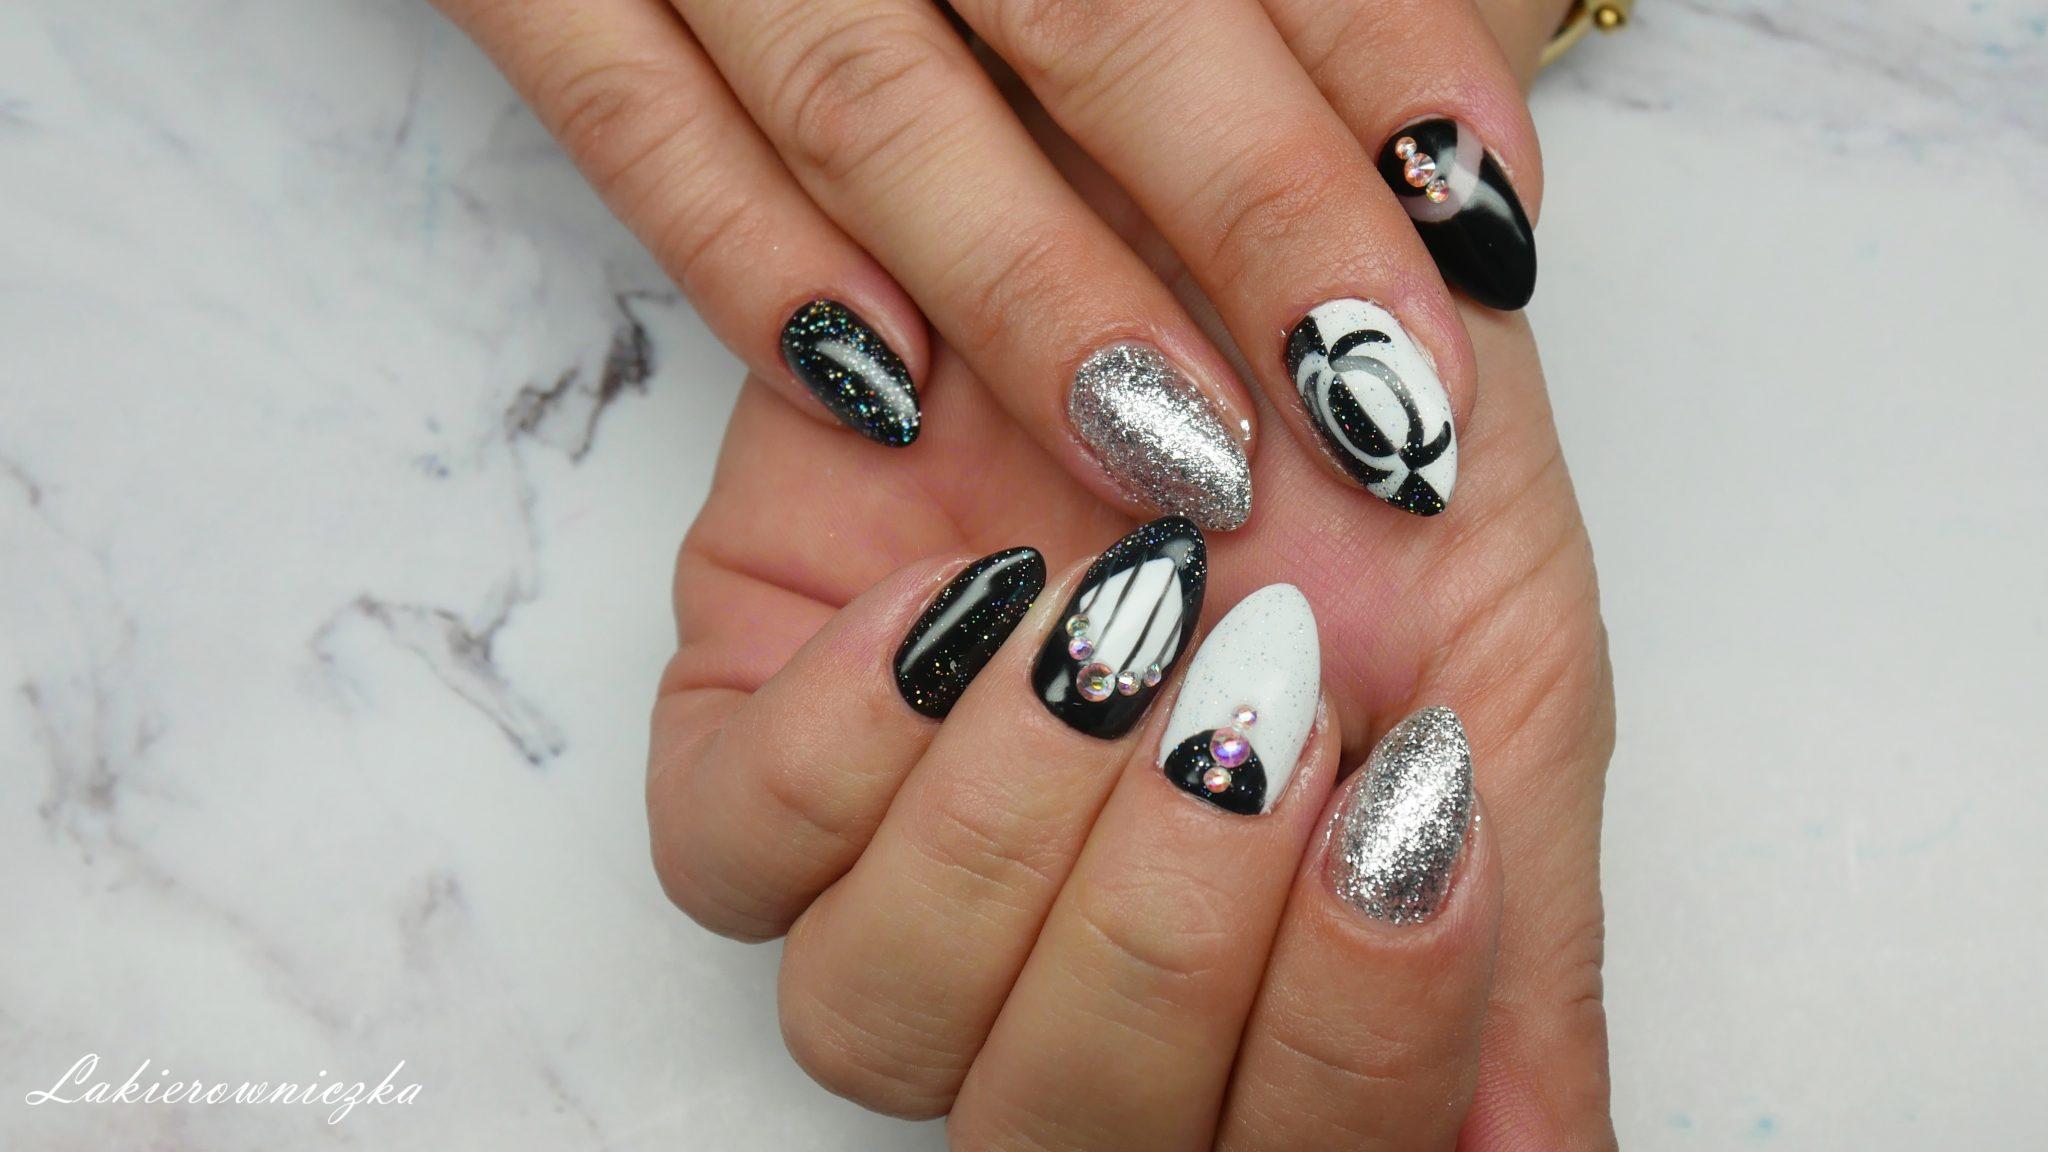 czarno-biale-hybrydy-paznokcie-hybrydowe-black-and-white-hybrid-nails-Lakierowniczka-czarno-białe hybrydy